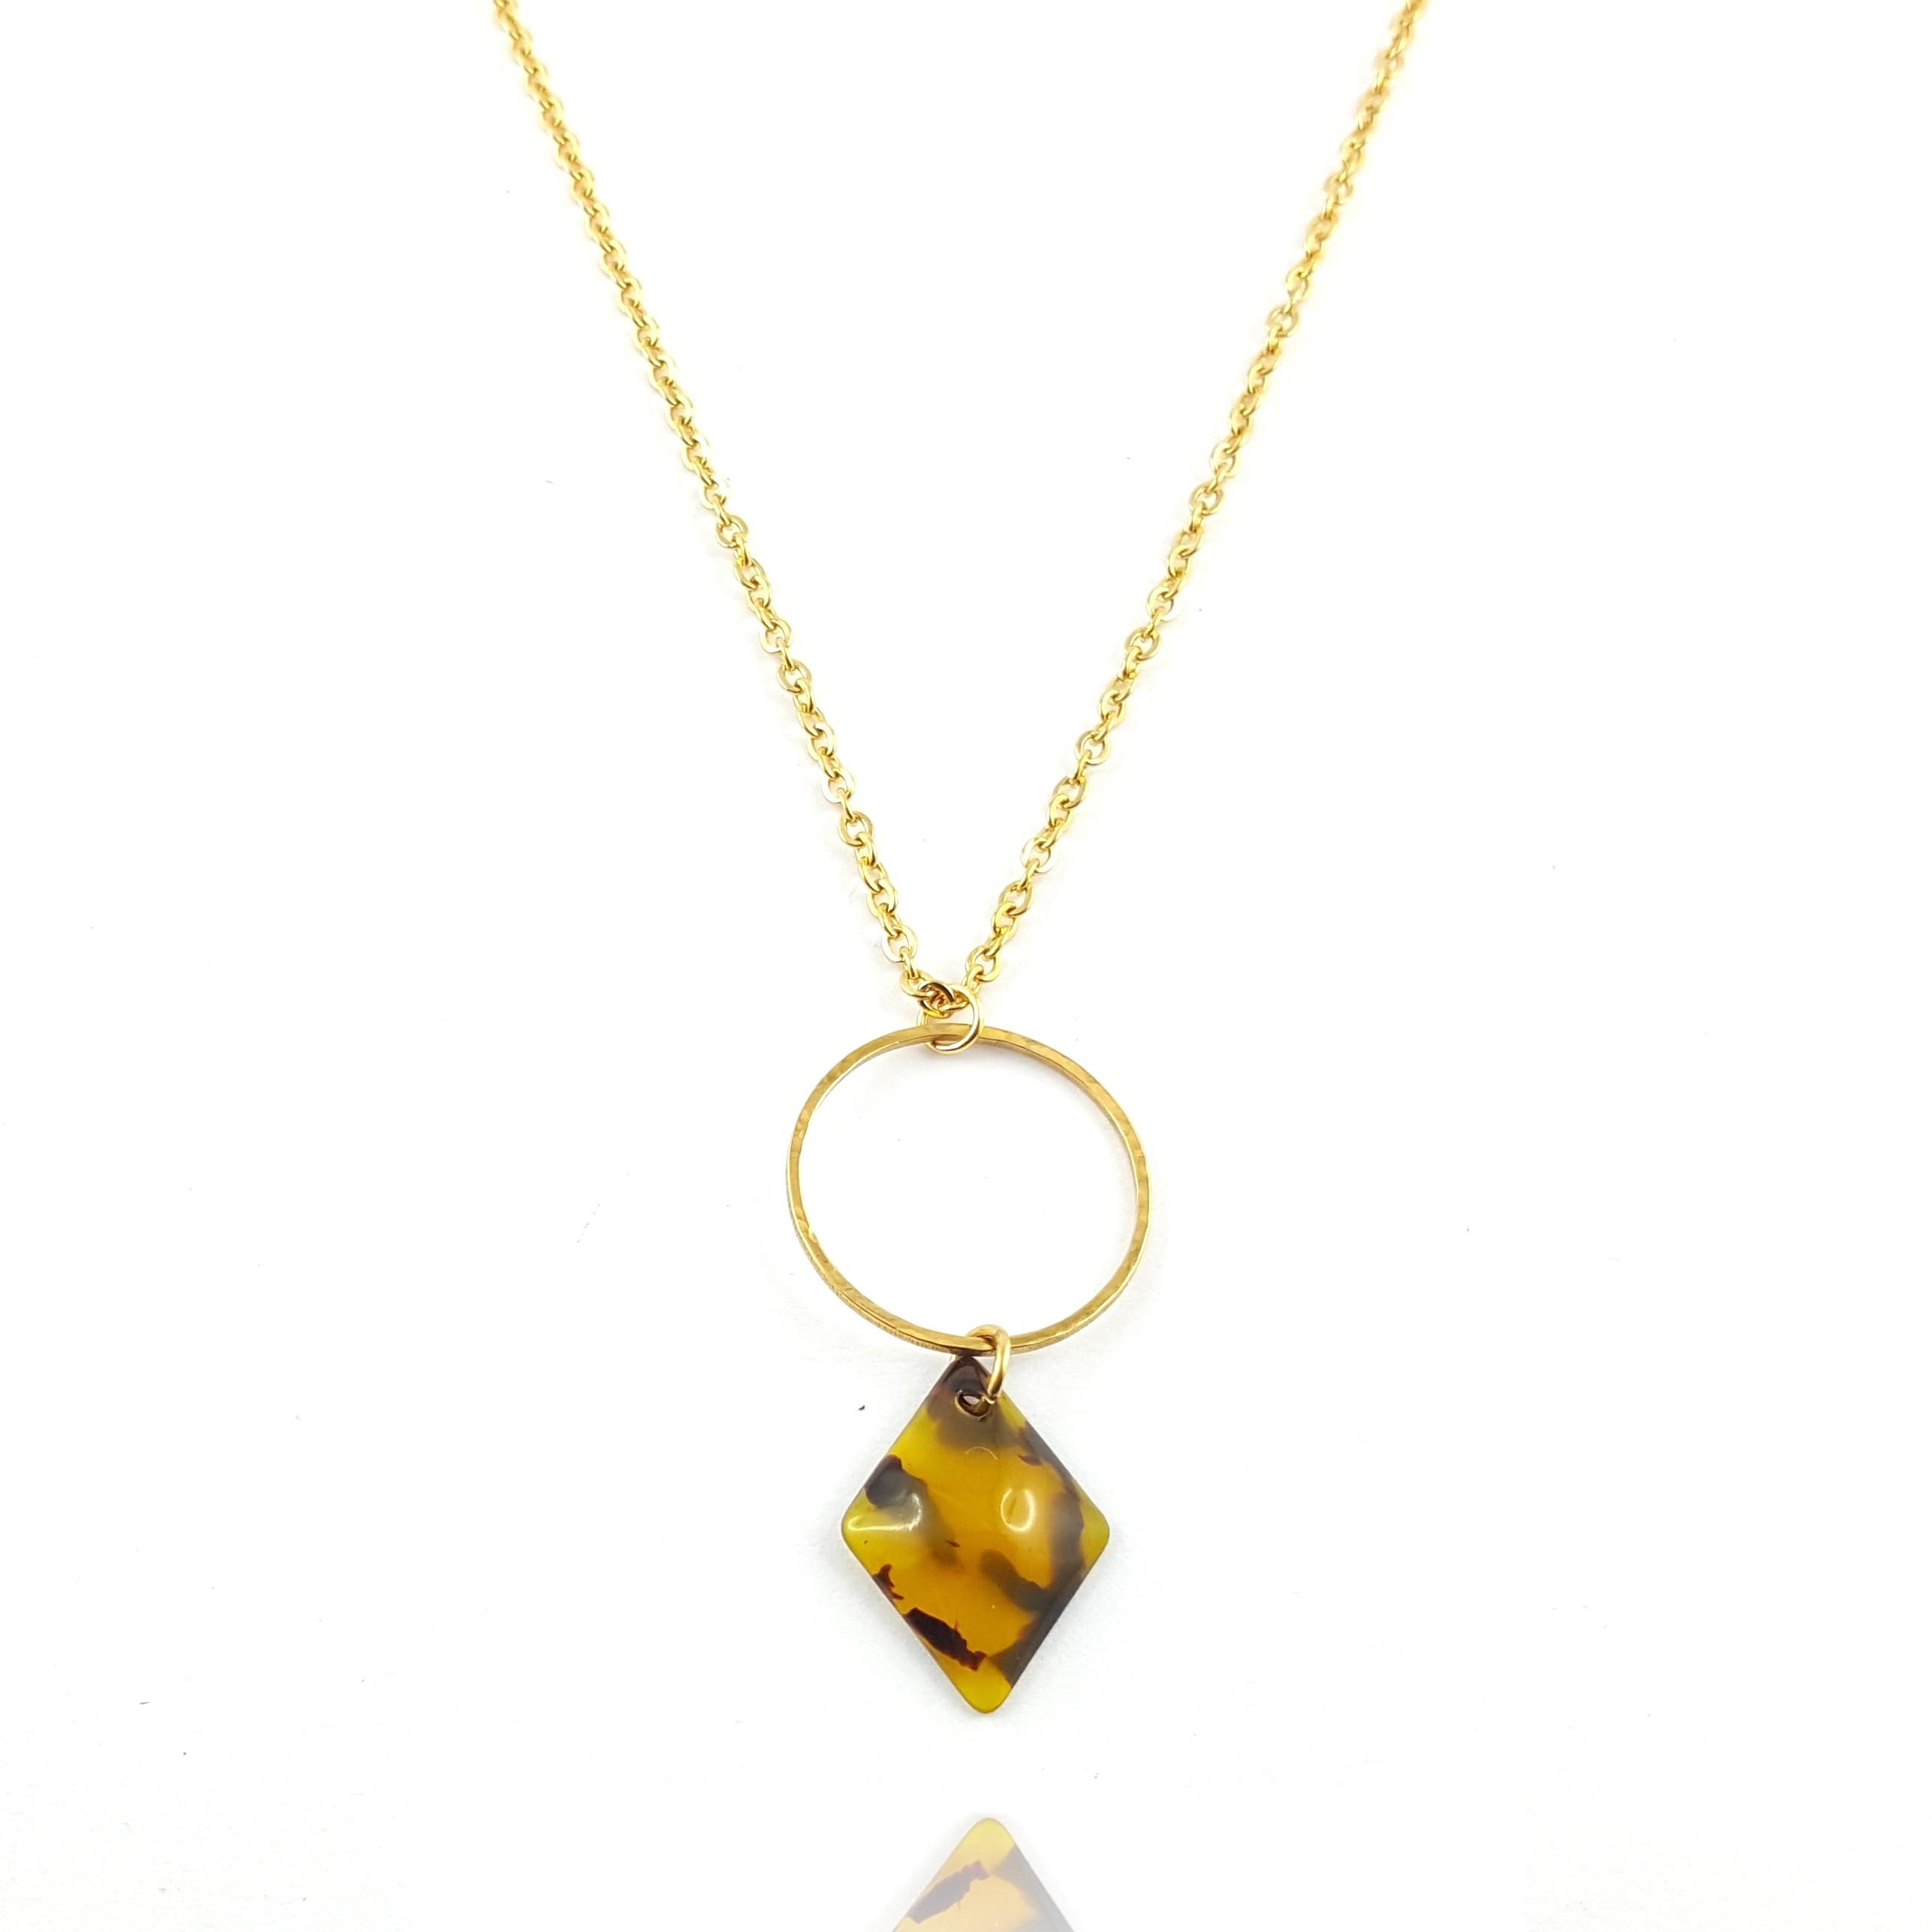 collier pendentif acier et résine - bijoux vintage - clermont-ferrand - identités bijoux